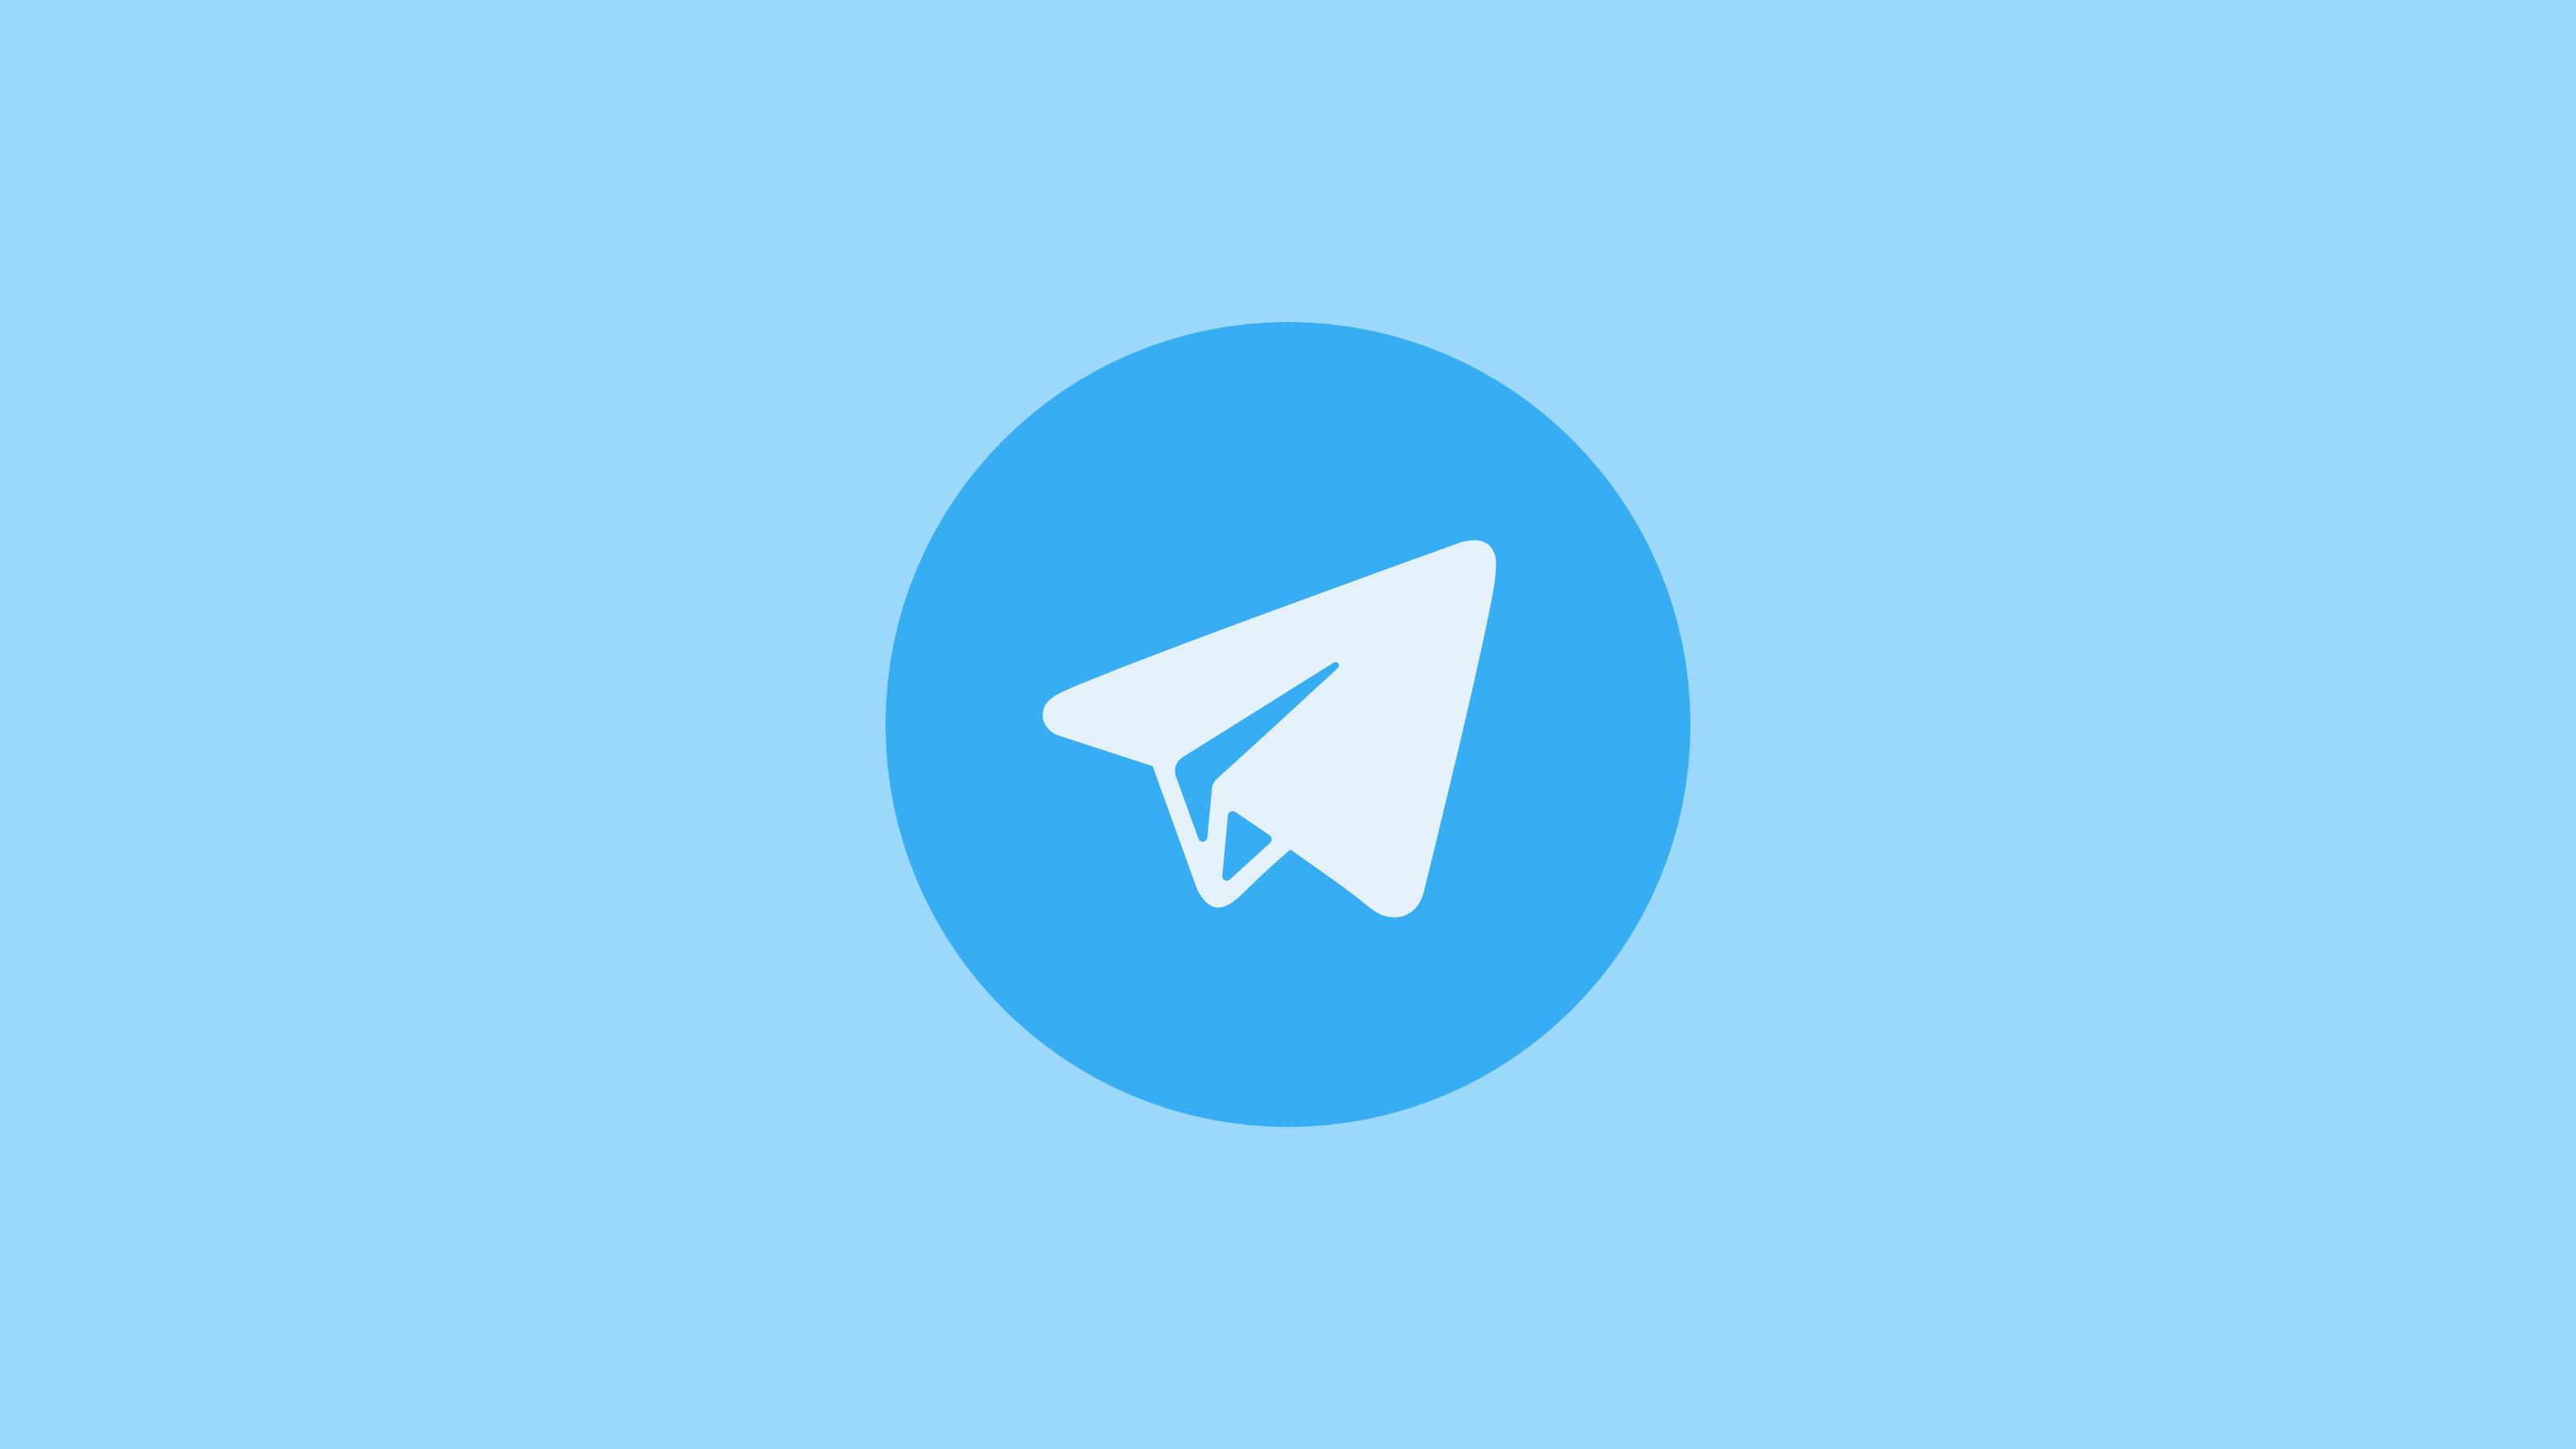 دانلود تلگرام نسخه جدید